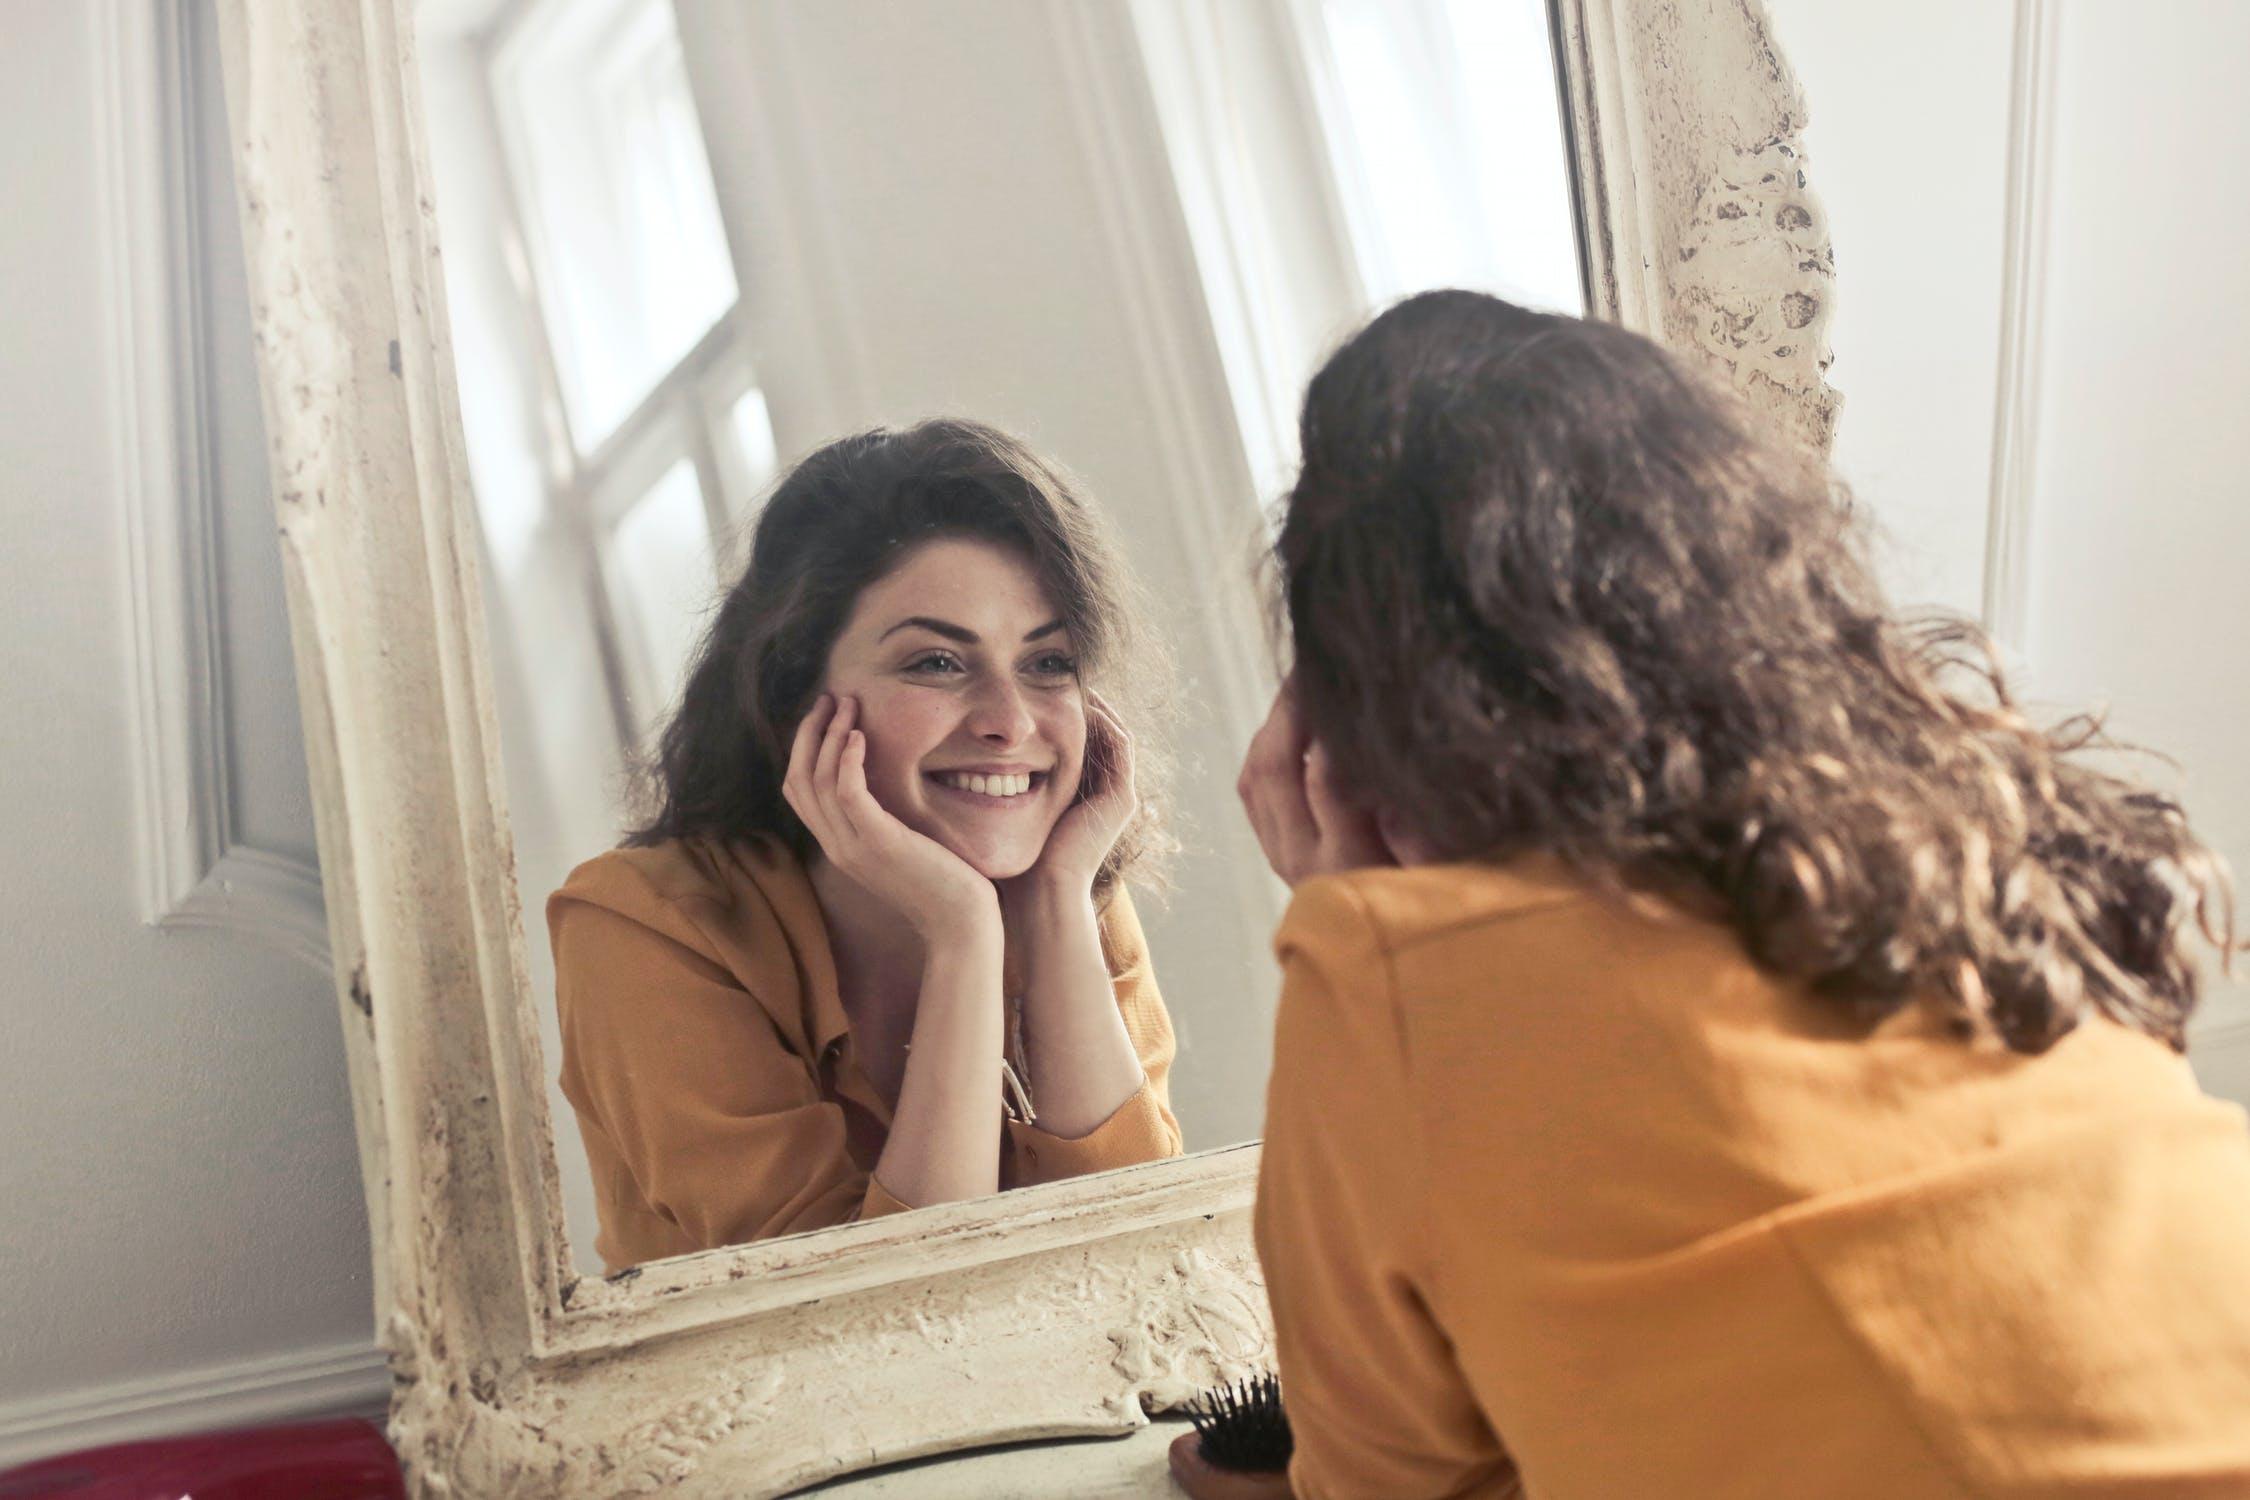 Fericirea și izolarea la domiciliu. Cum să-ți menții fericirea chiar și în această perioadă?